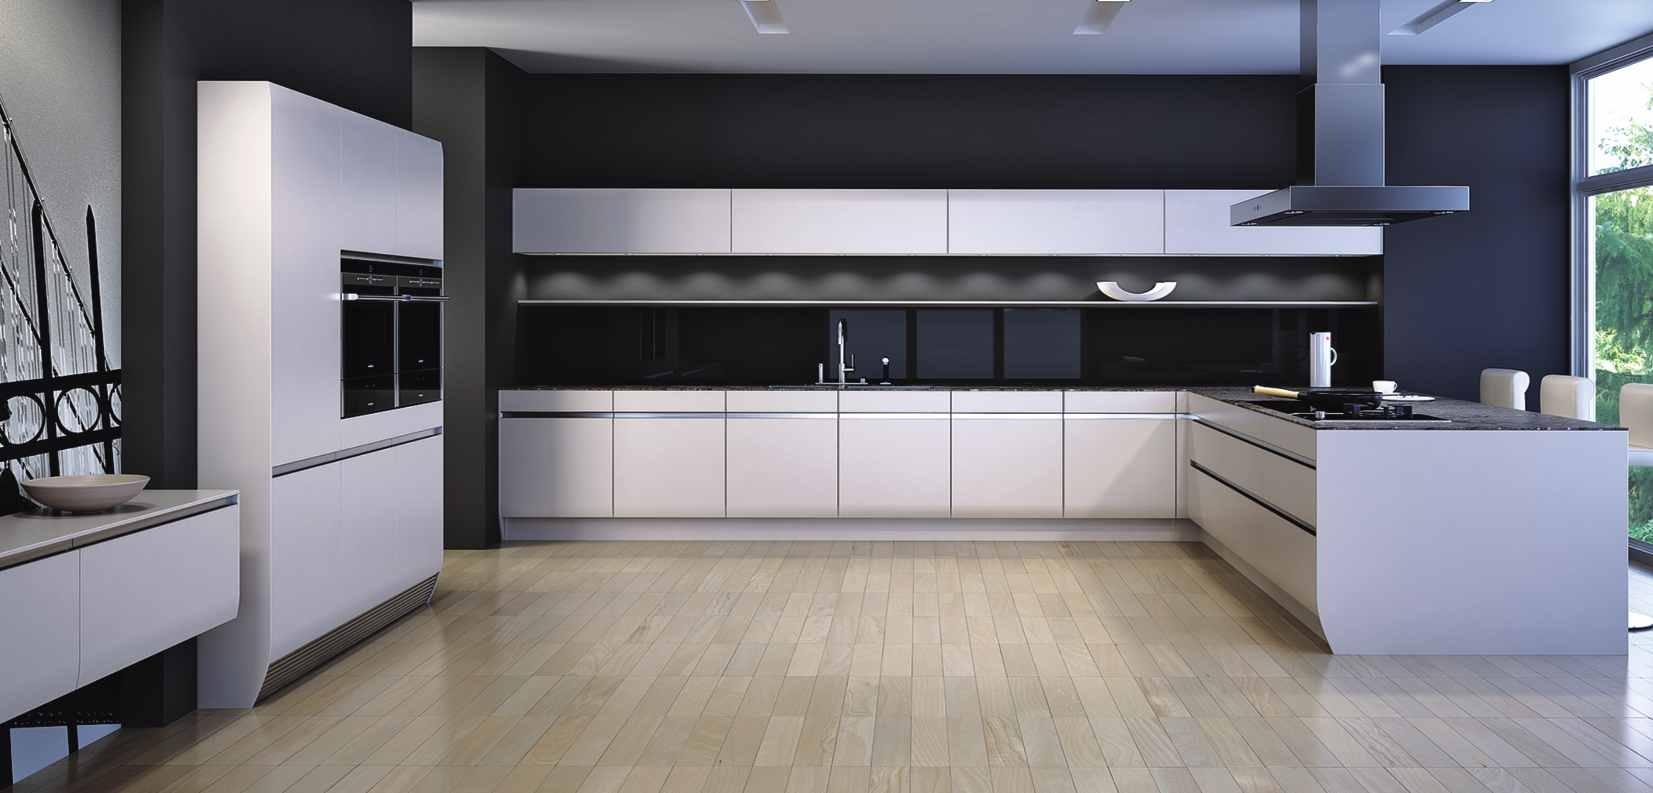 PA品爱橱柜产品推荐-橱柜-纯色烤漆系列